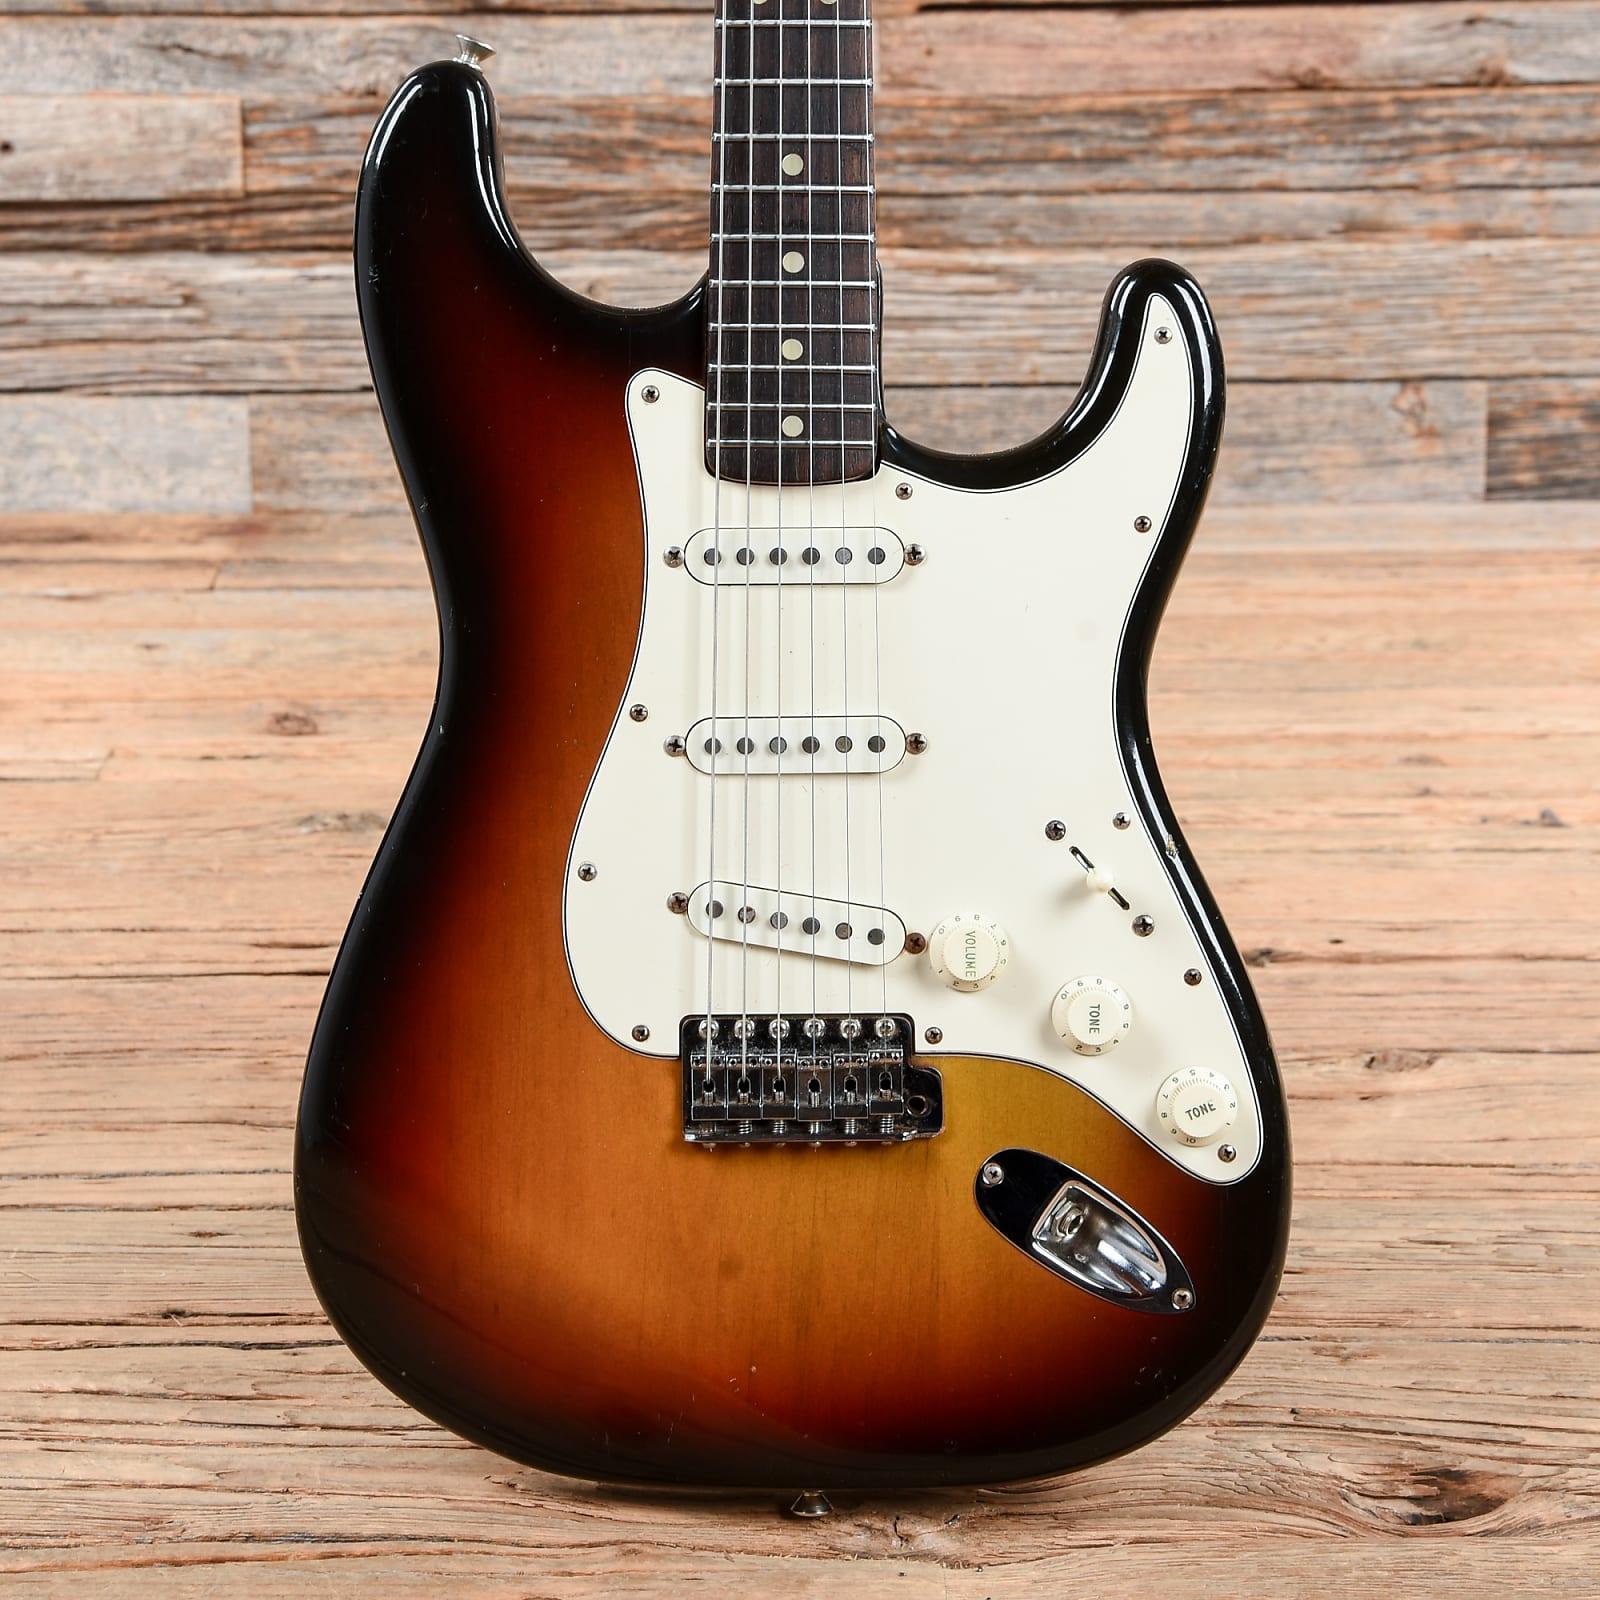 Fender Stratocaster Sunburst 1972